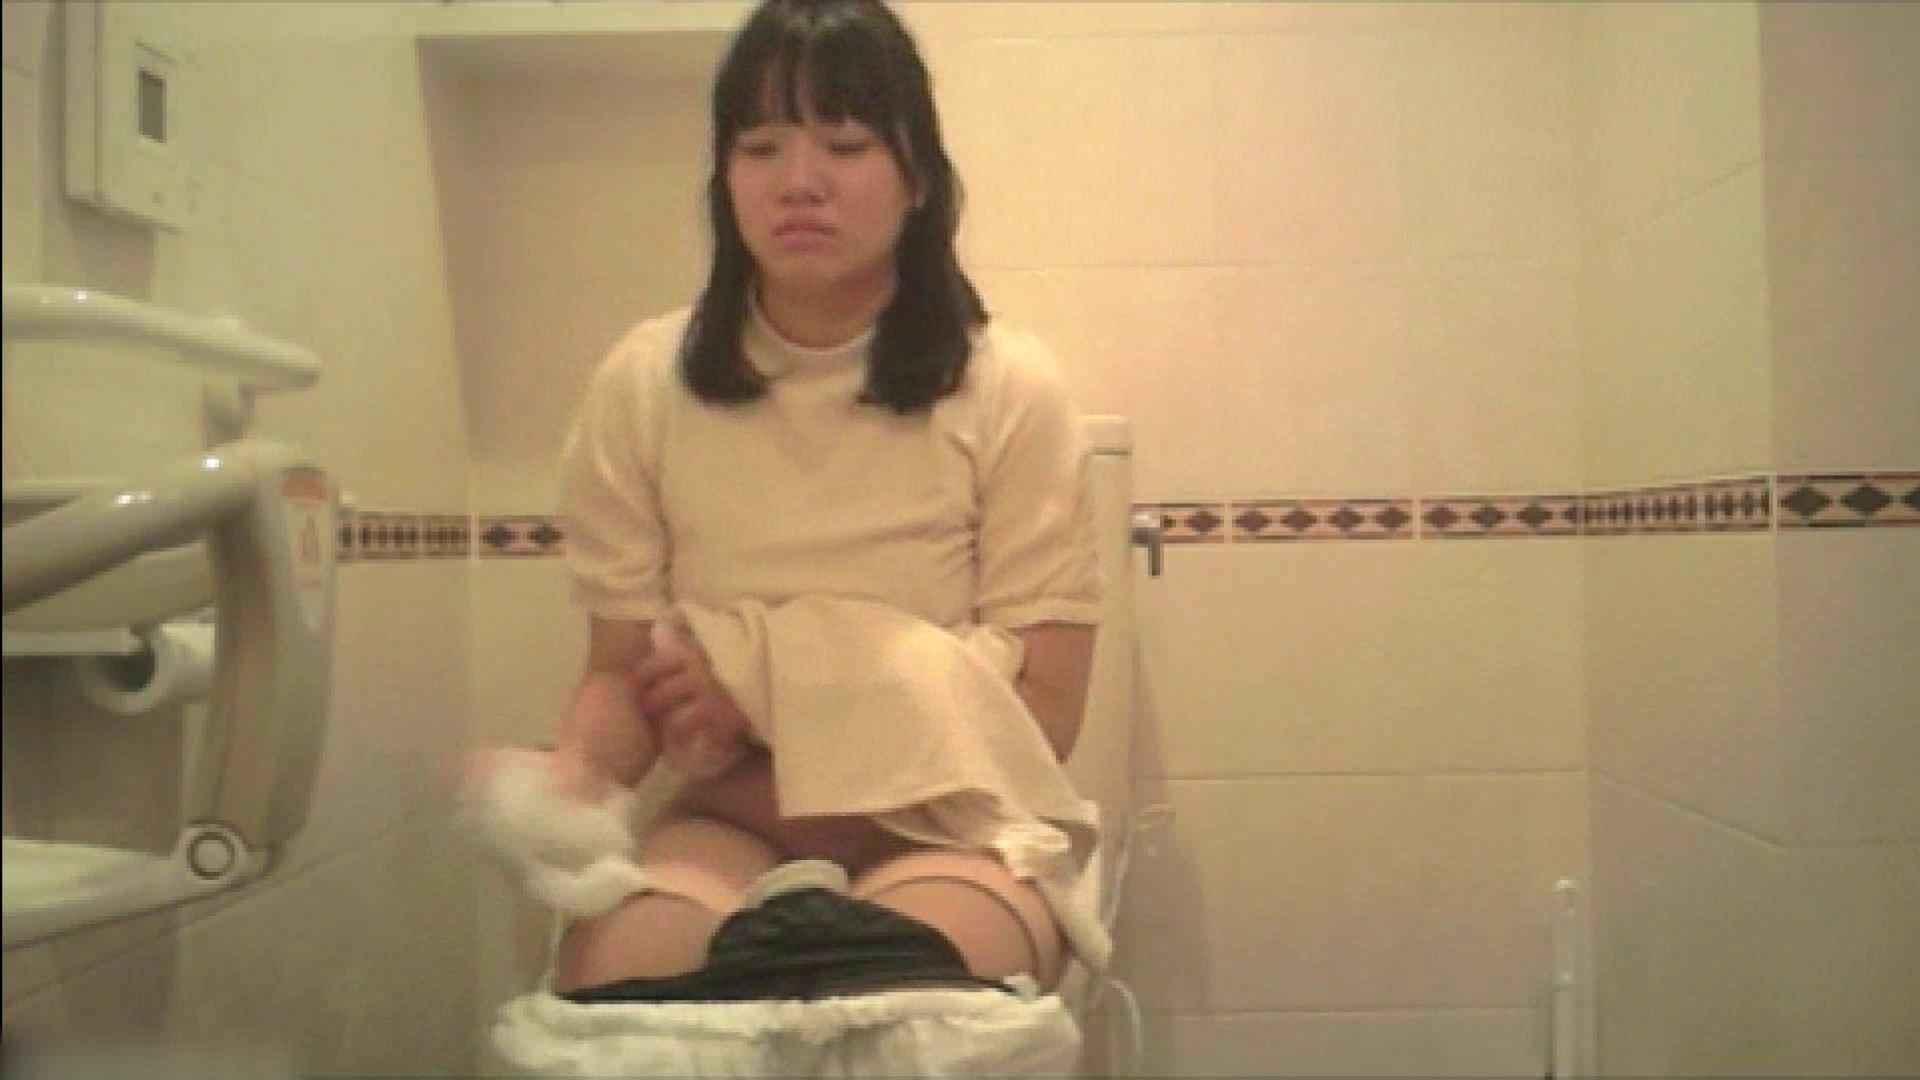 実録!!綺麗なお姉さんのトイレ事情・・・。vol.18 お尻  74pic 24